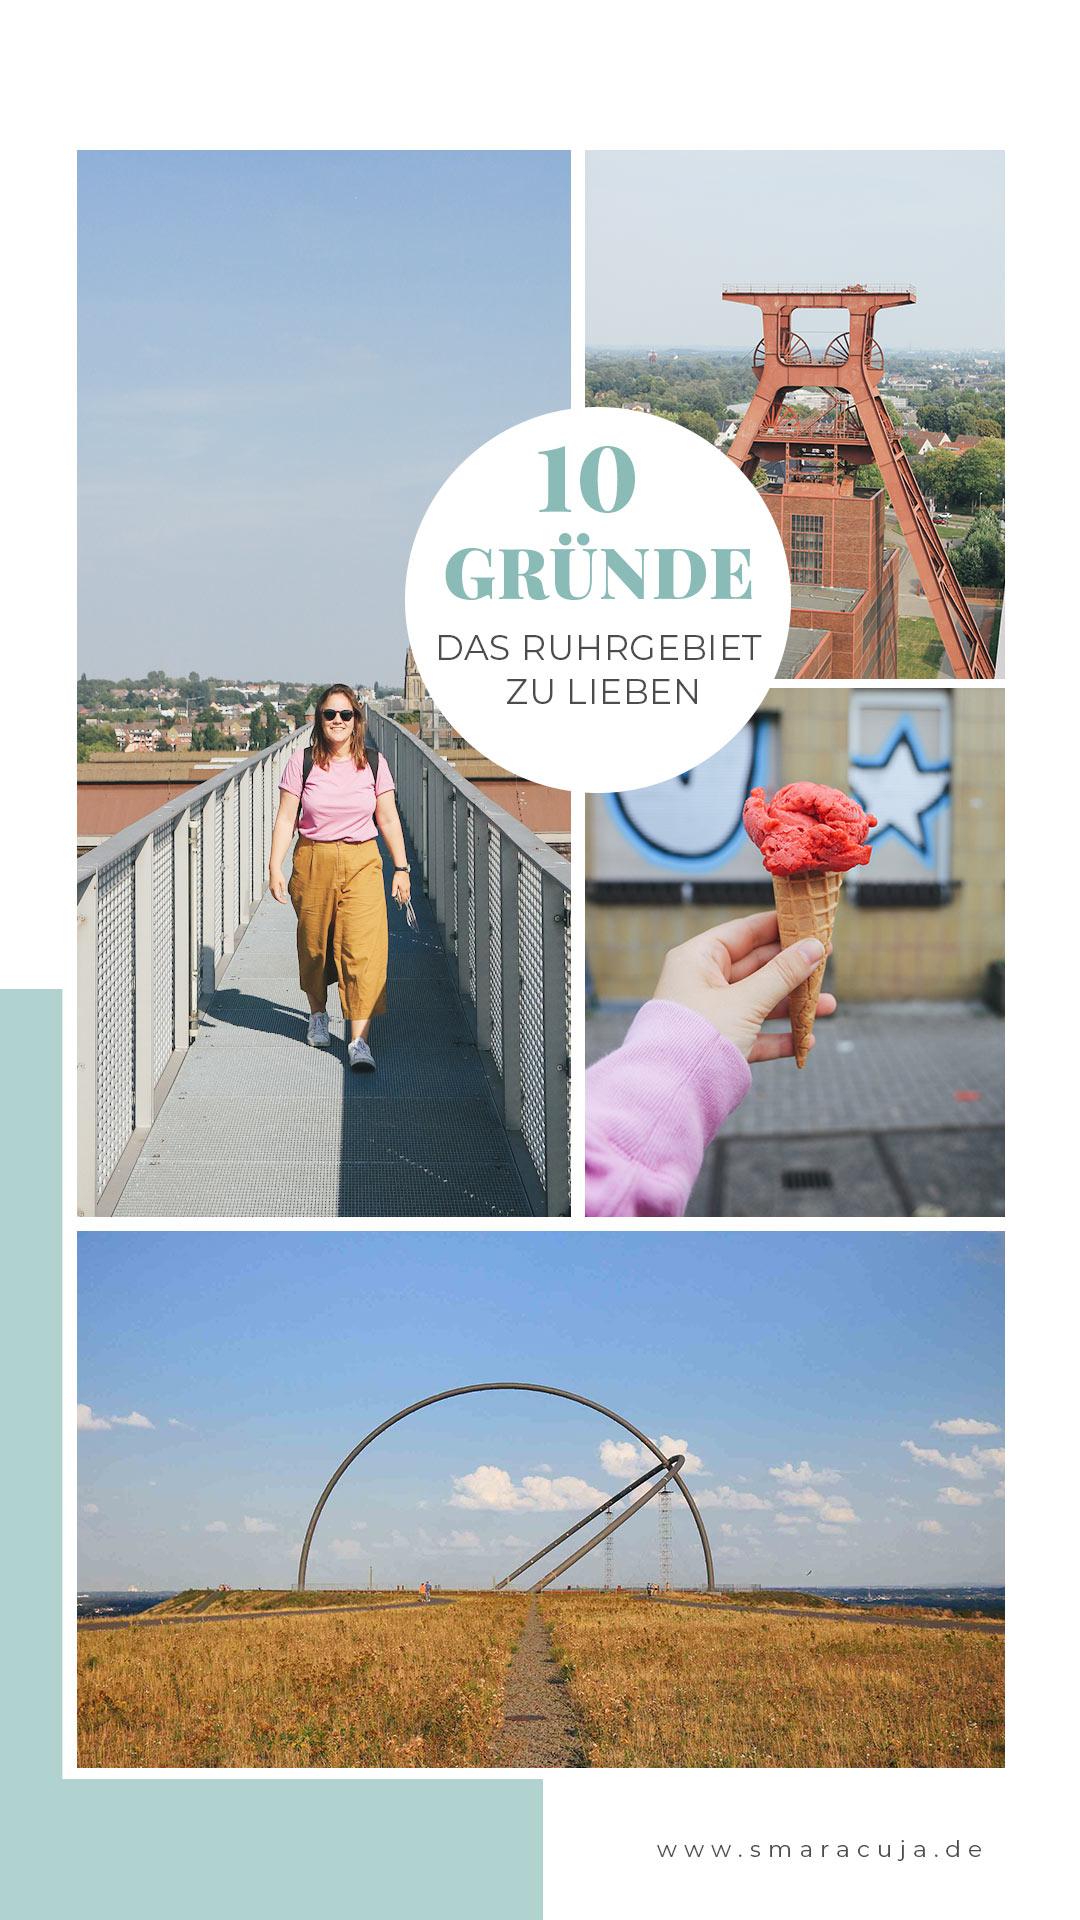 Ruhrgebiet Ausflugsziele Hommage Stadtteile Industriekultur Halden